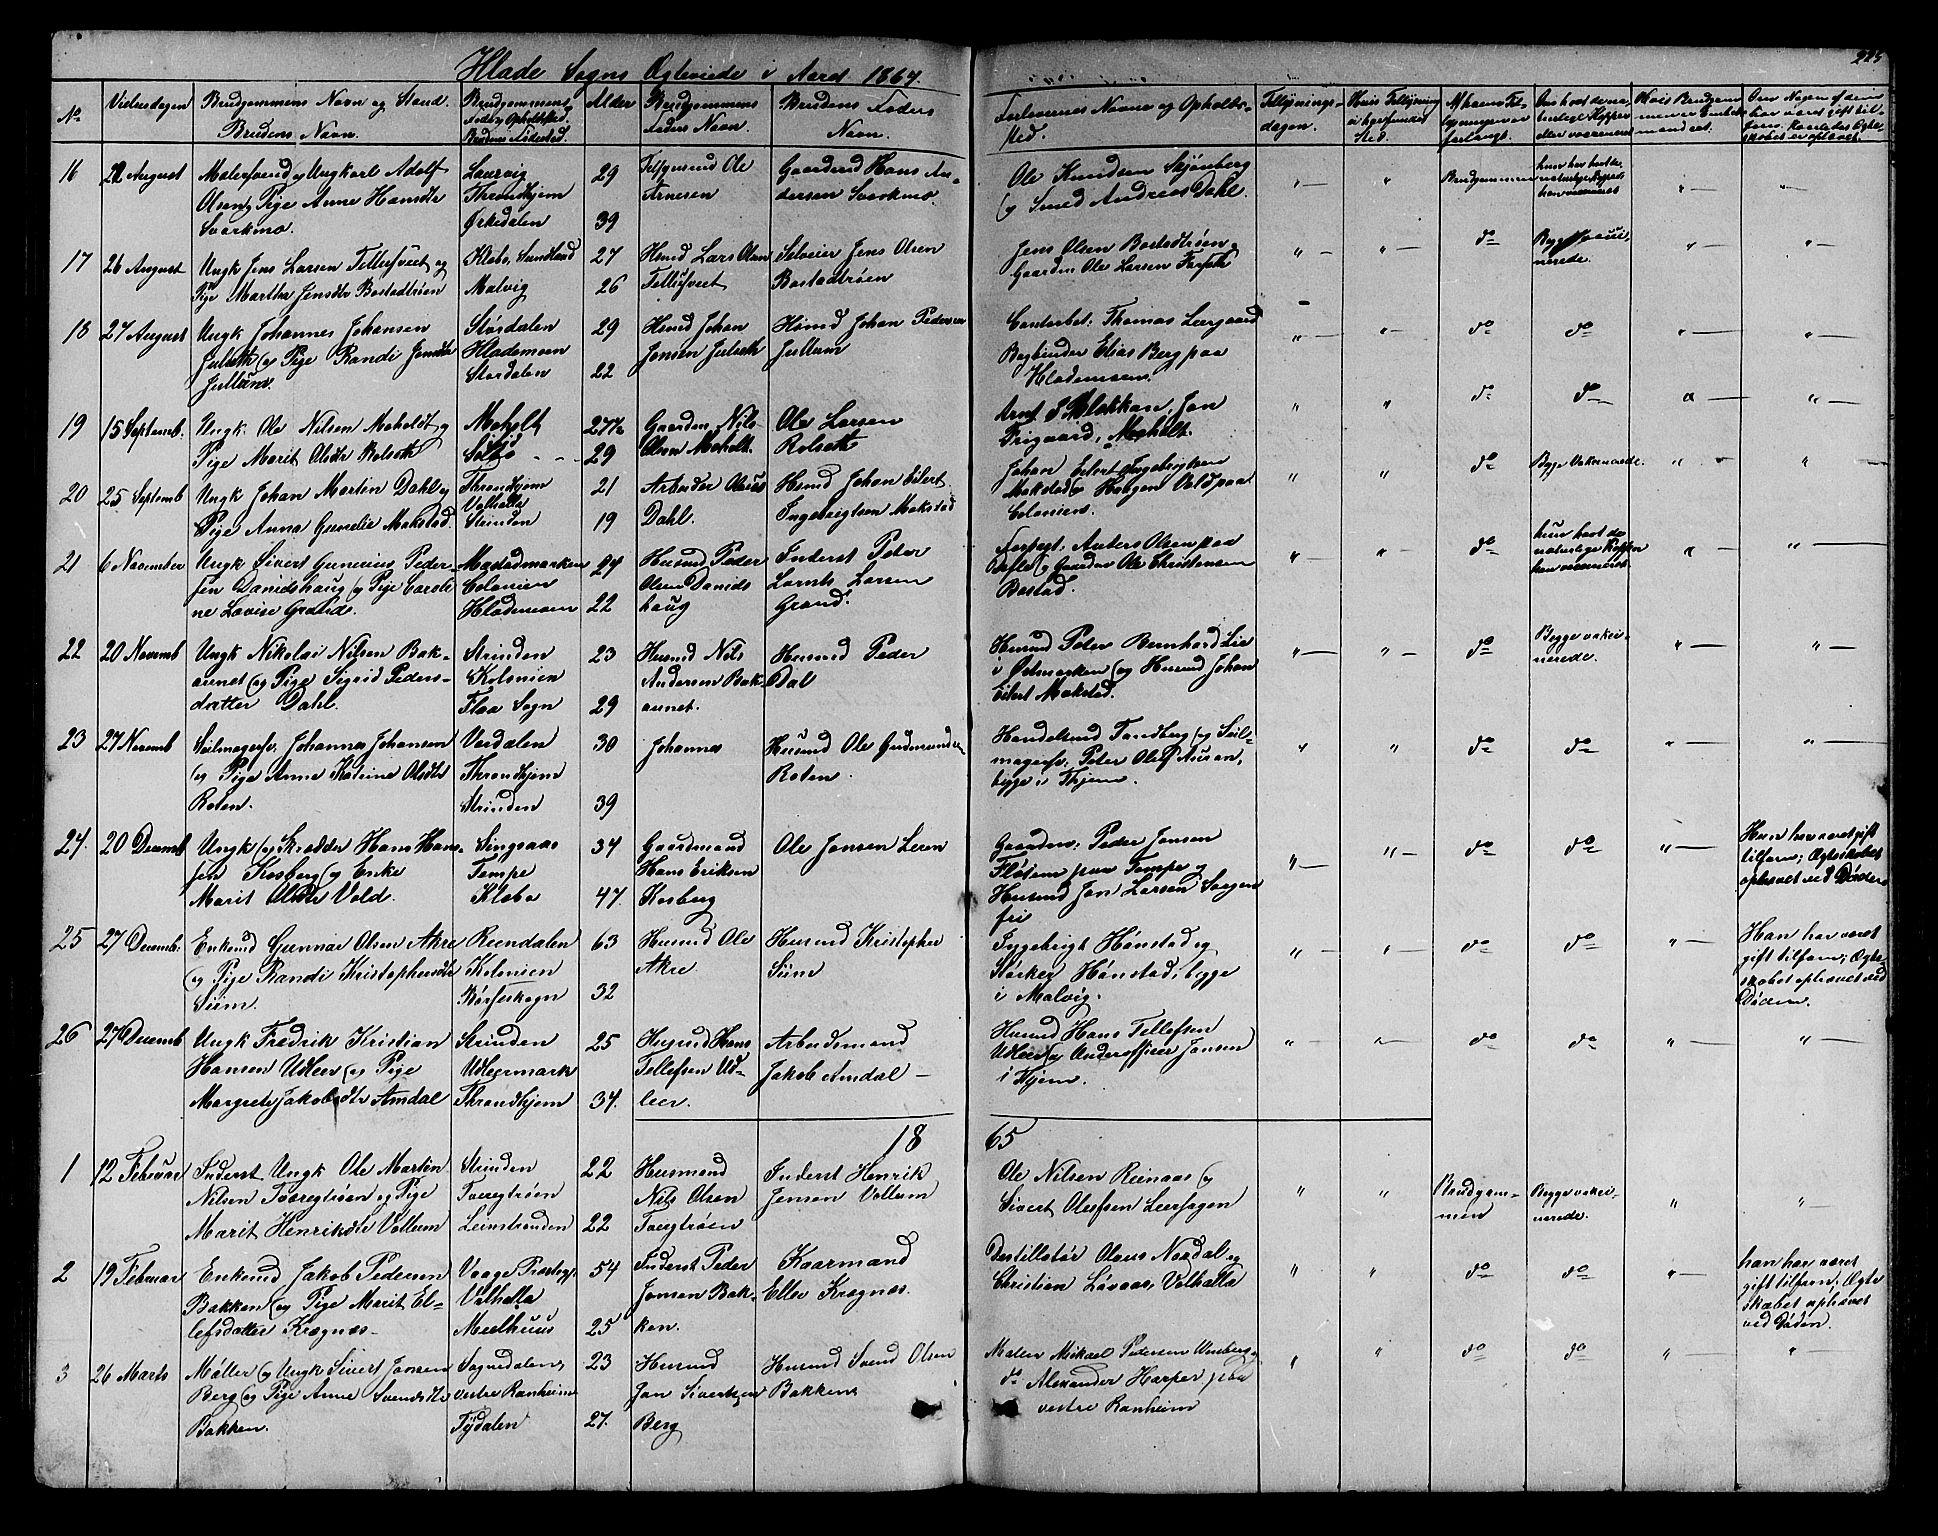 SAT, Ministerialprotokoller, klokkerbøker og fødselsregistre - Sør-Trøndelag, 606/L0311: Klokkerbok nr. 606C07, 1860-1877, s. 225